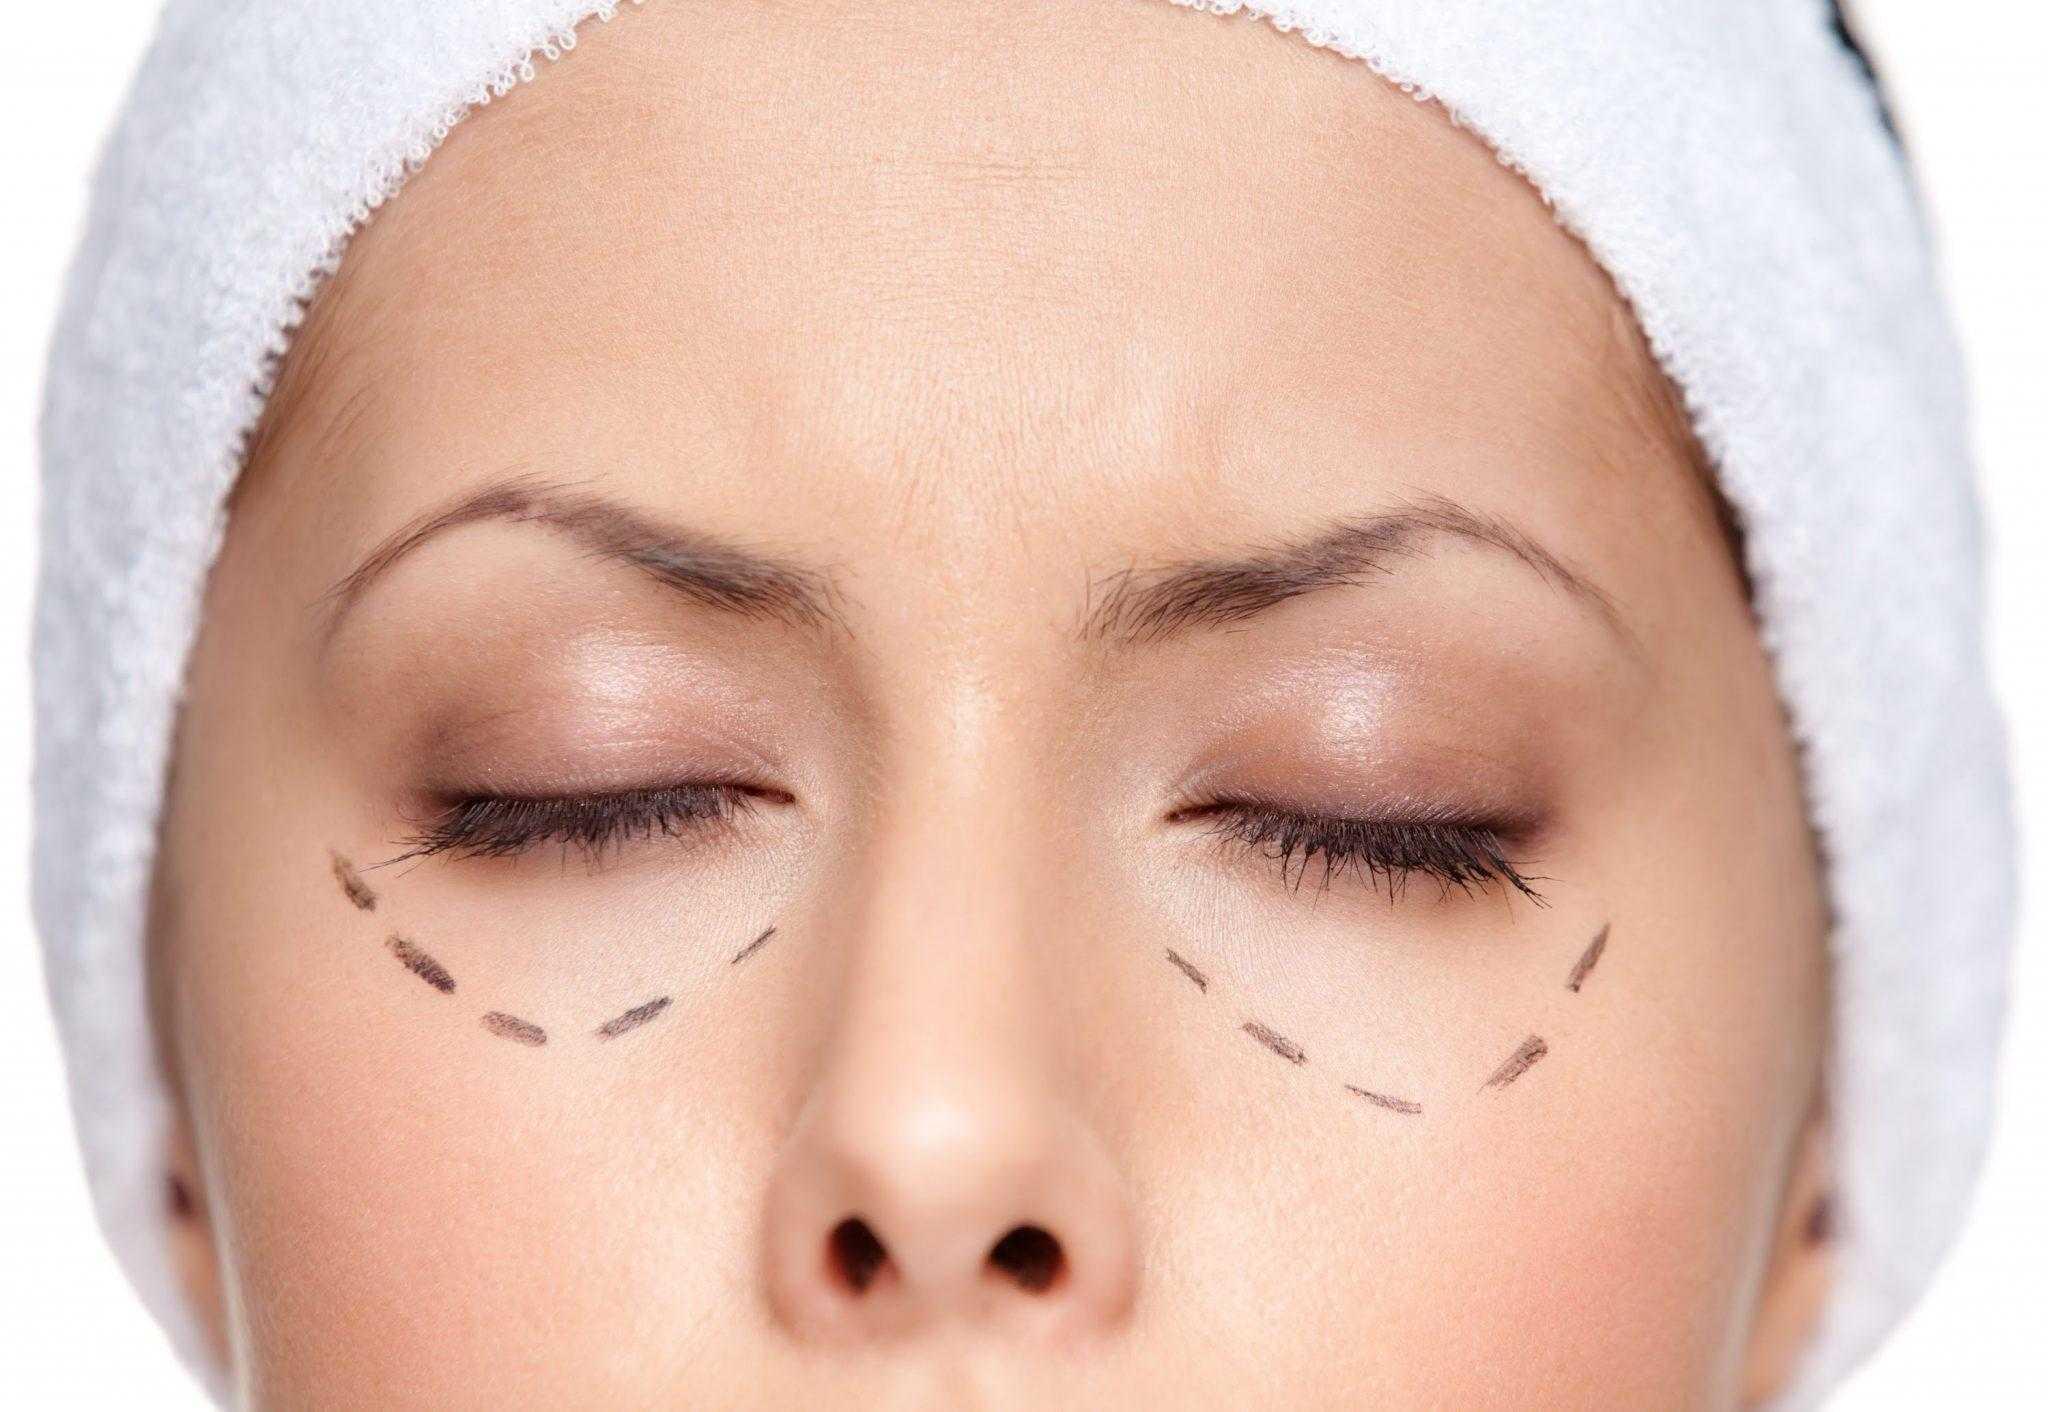 Göz Altı Torbası Neden Olur, Nasıl Tedavi Edilir?